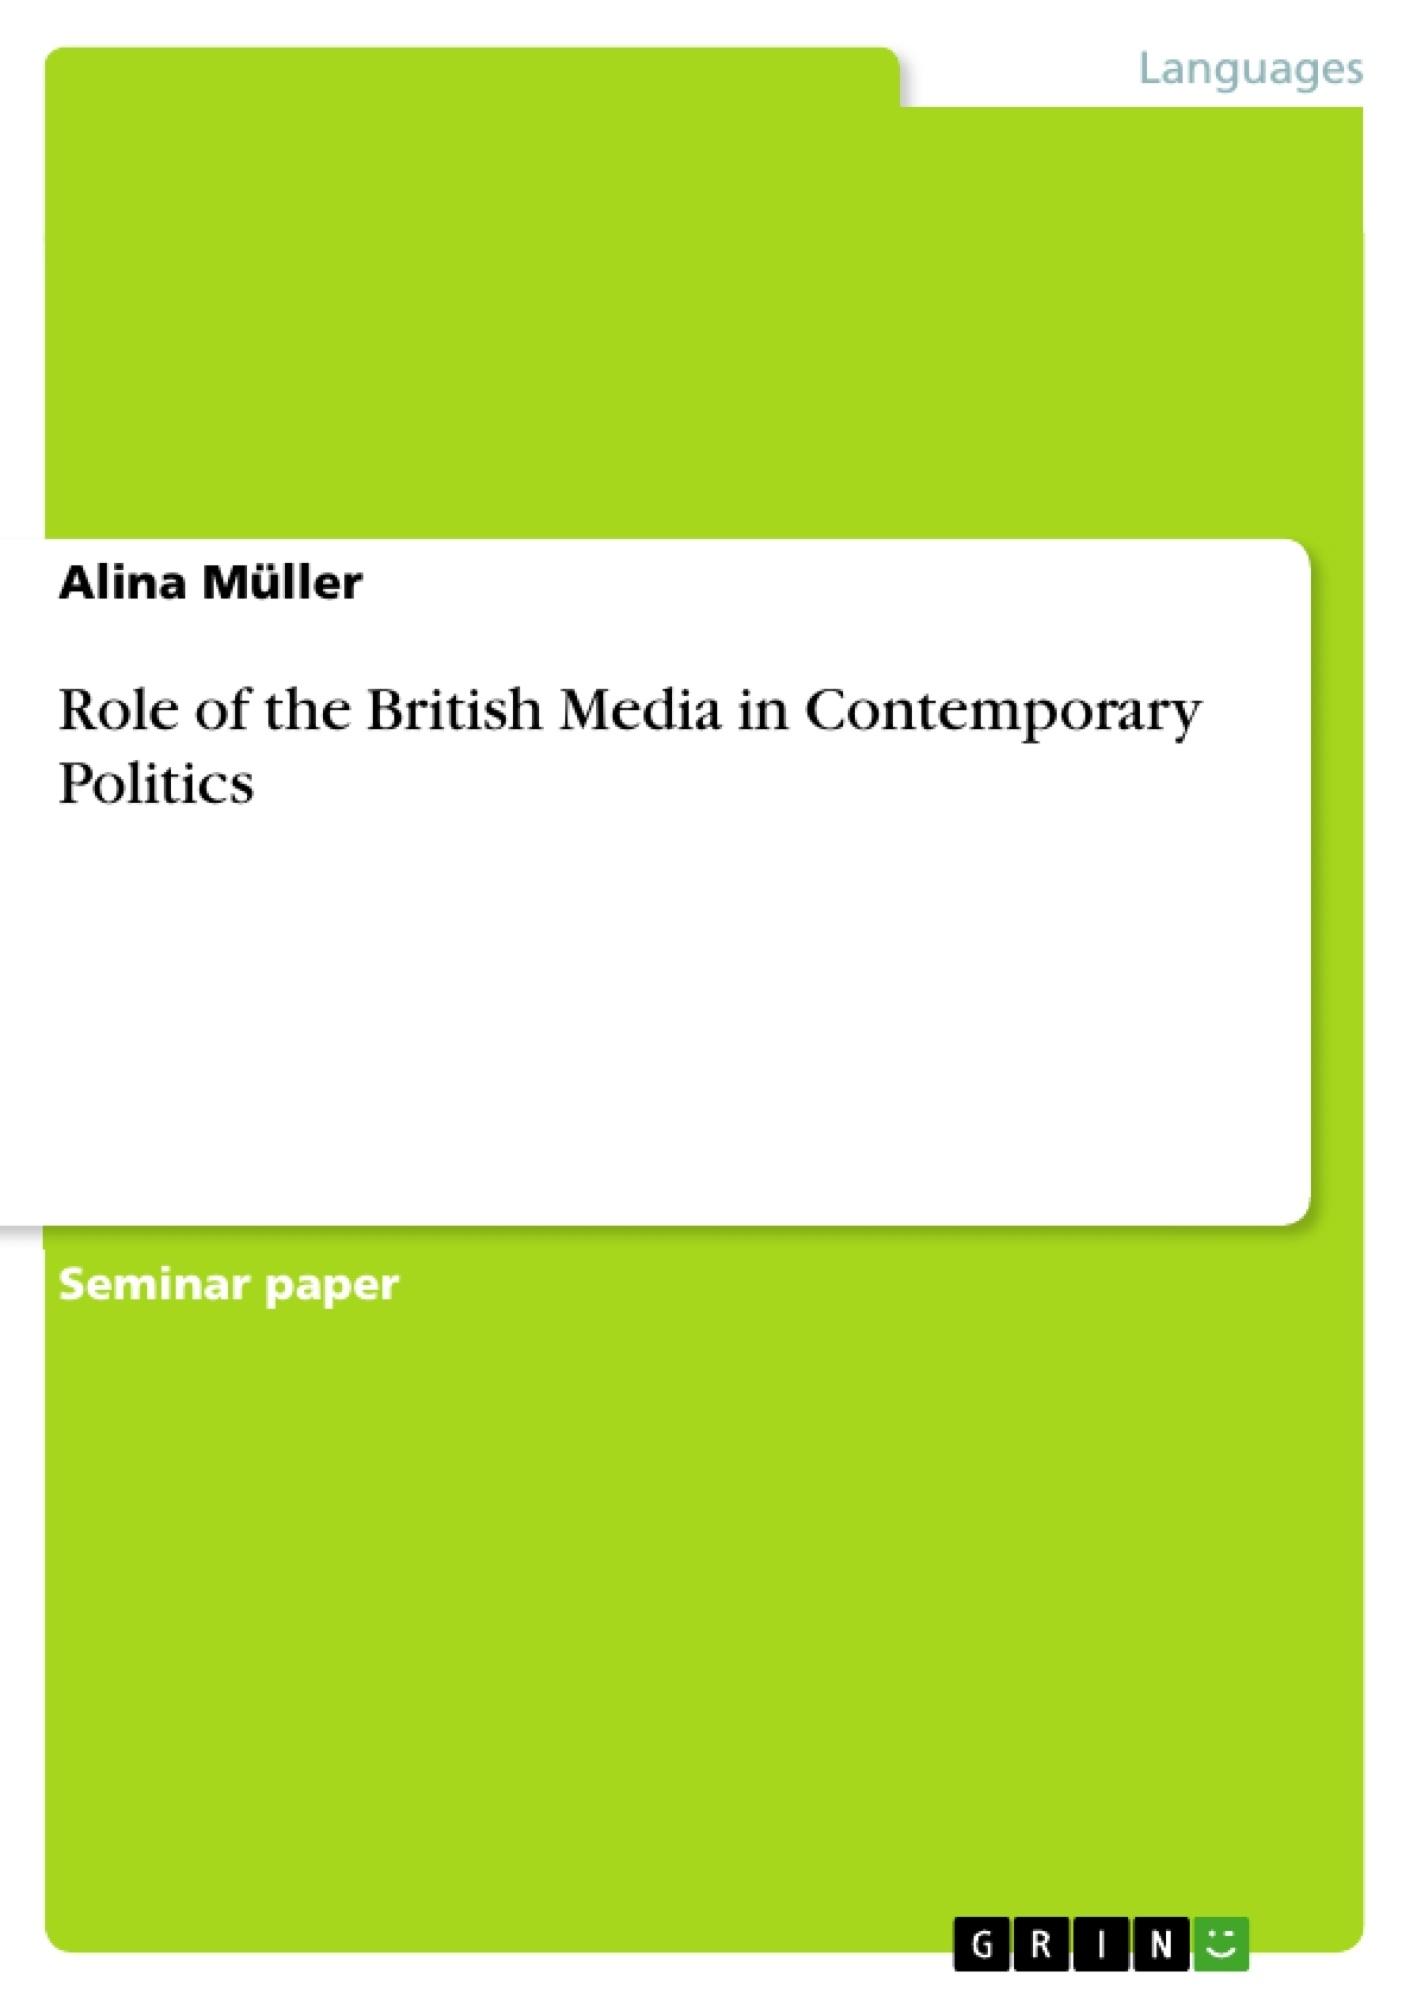 Title: Role of the British Media in Contemporary Politics